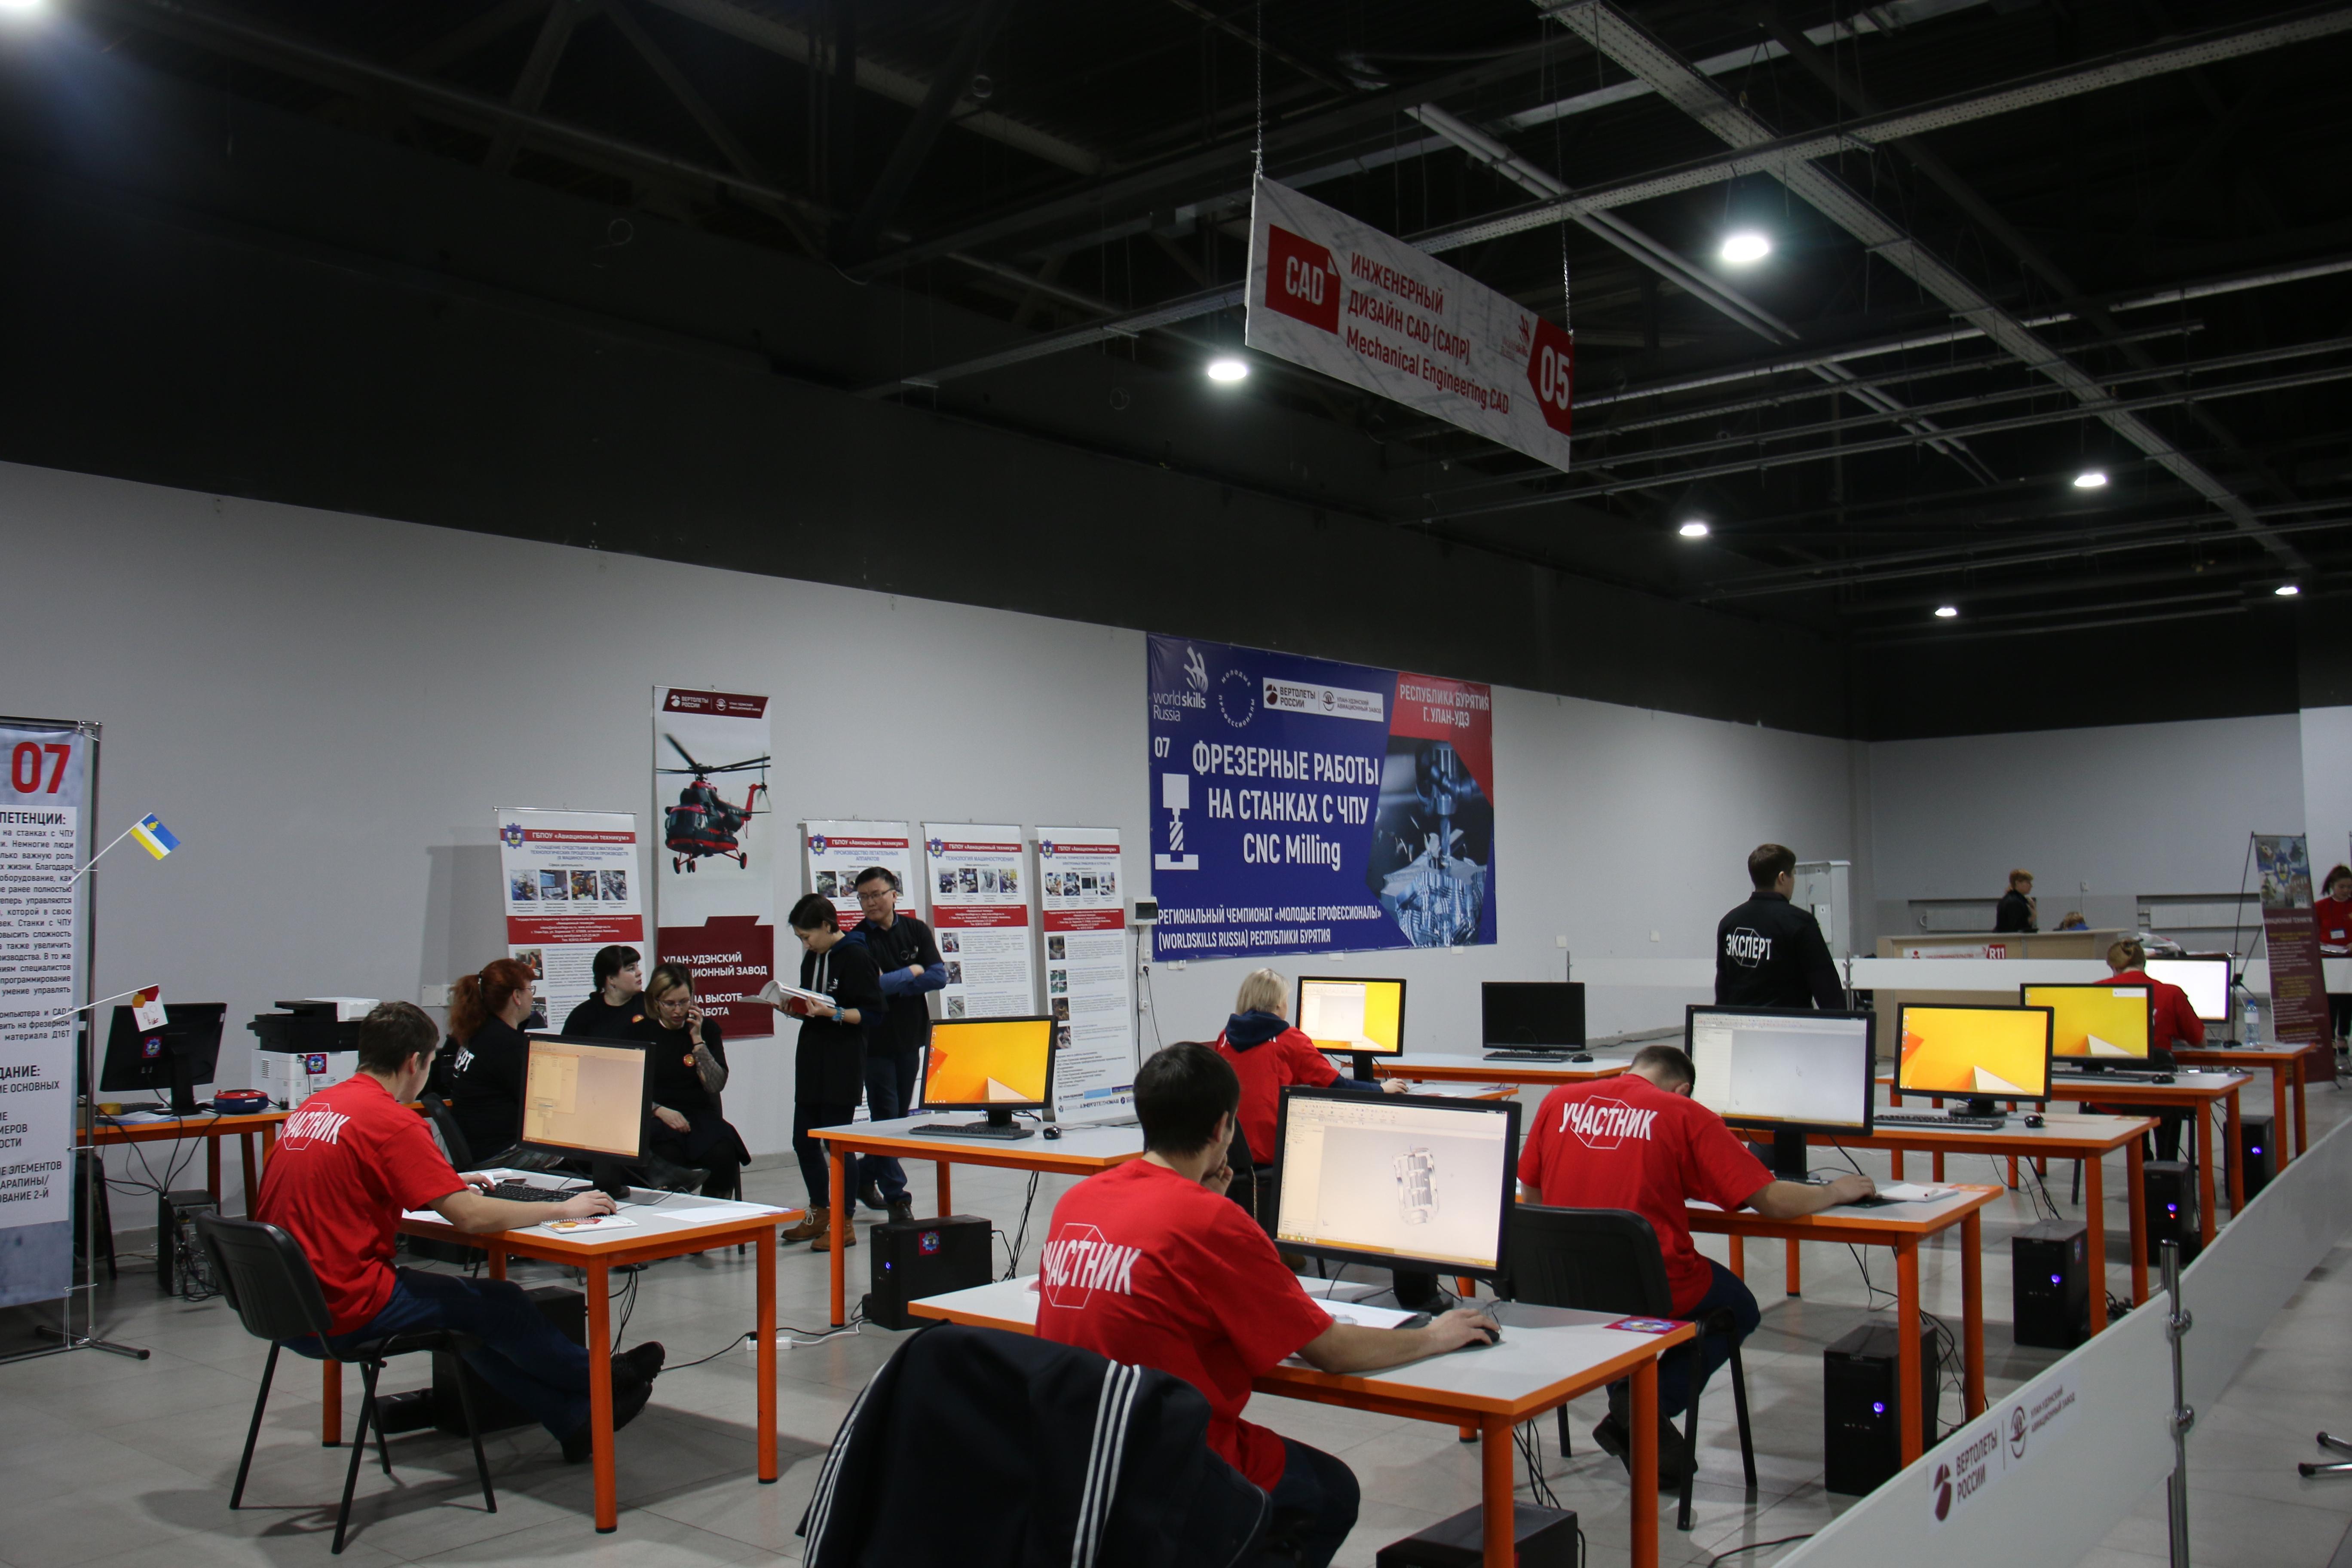 Чемпионат WorldSkills Russia